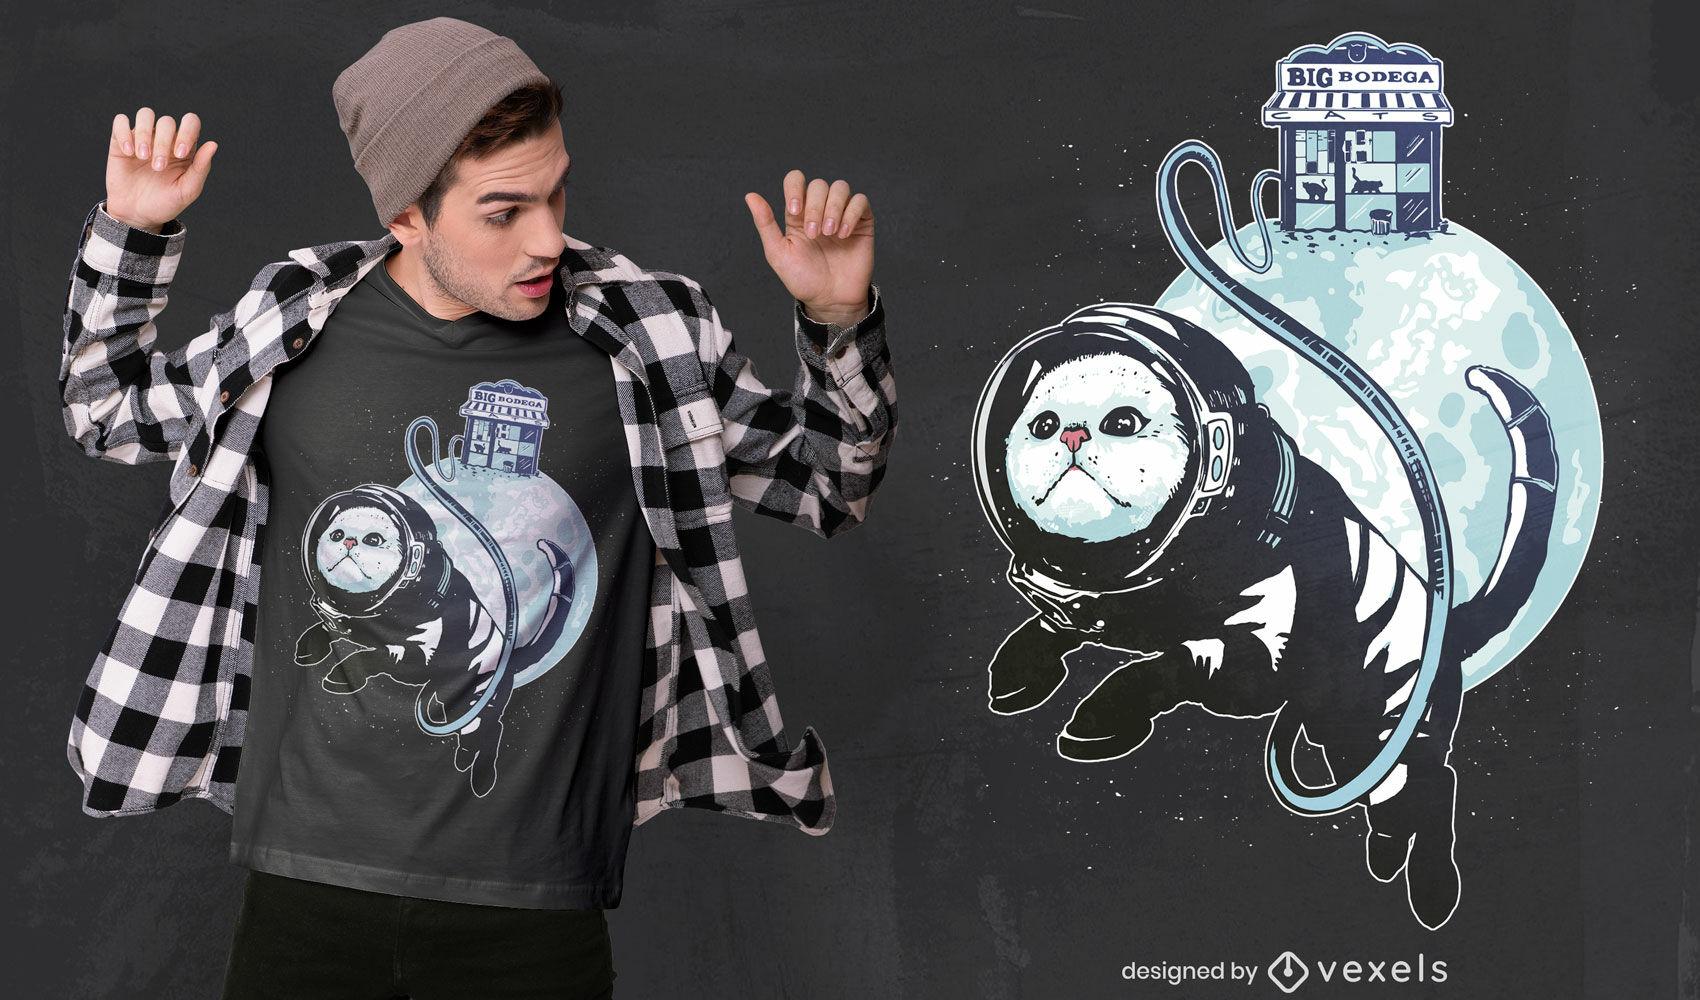 Genial dise?o de camiseta de gato astronauta